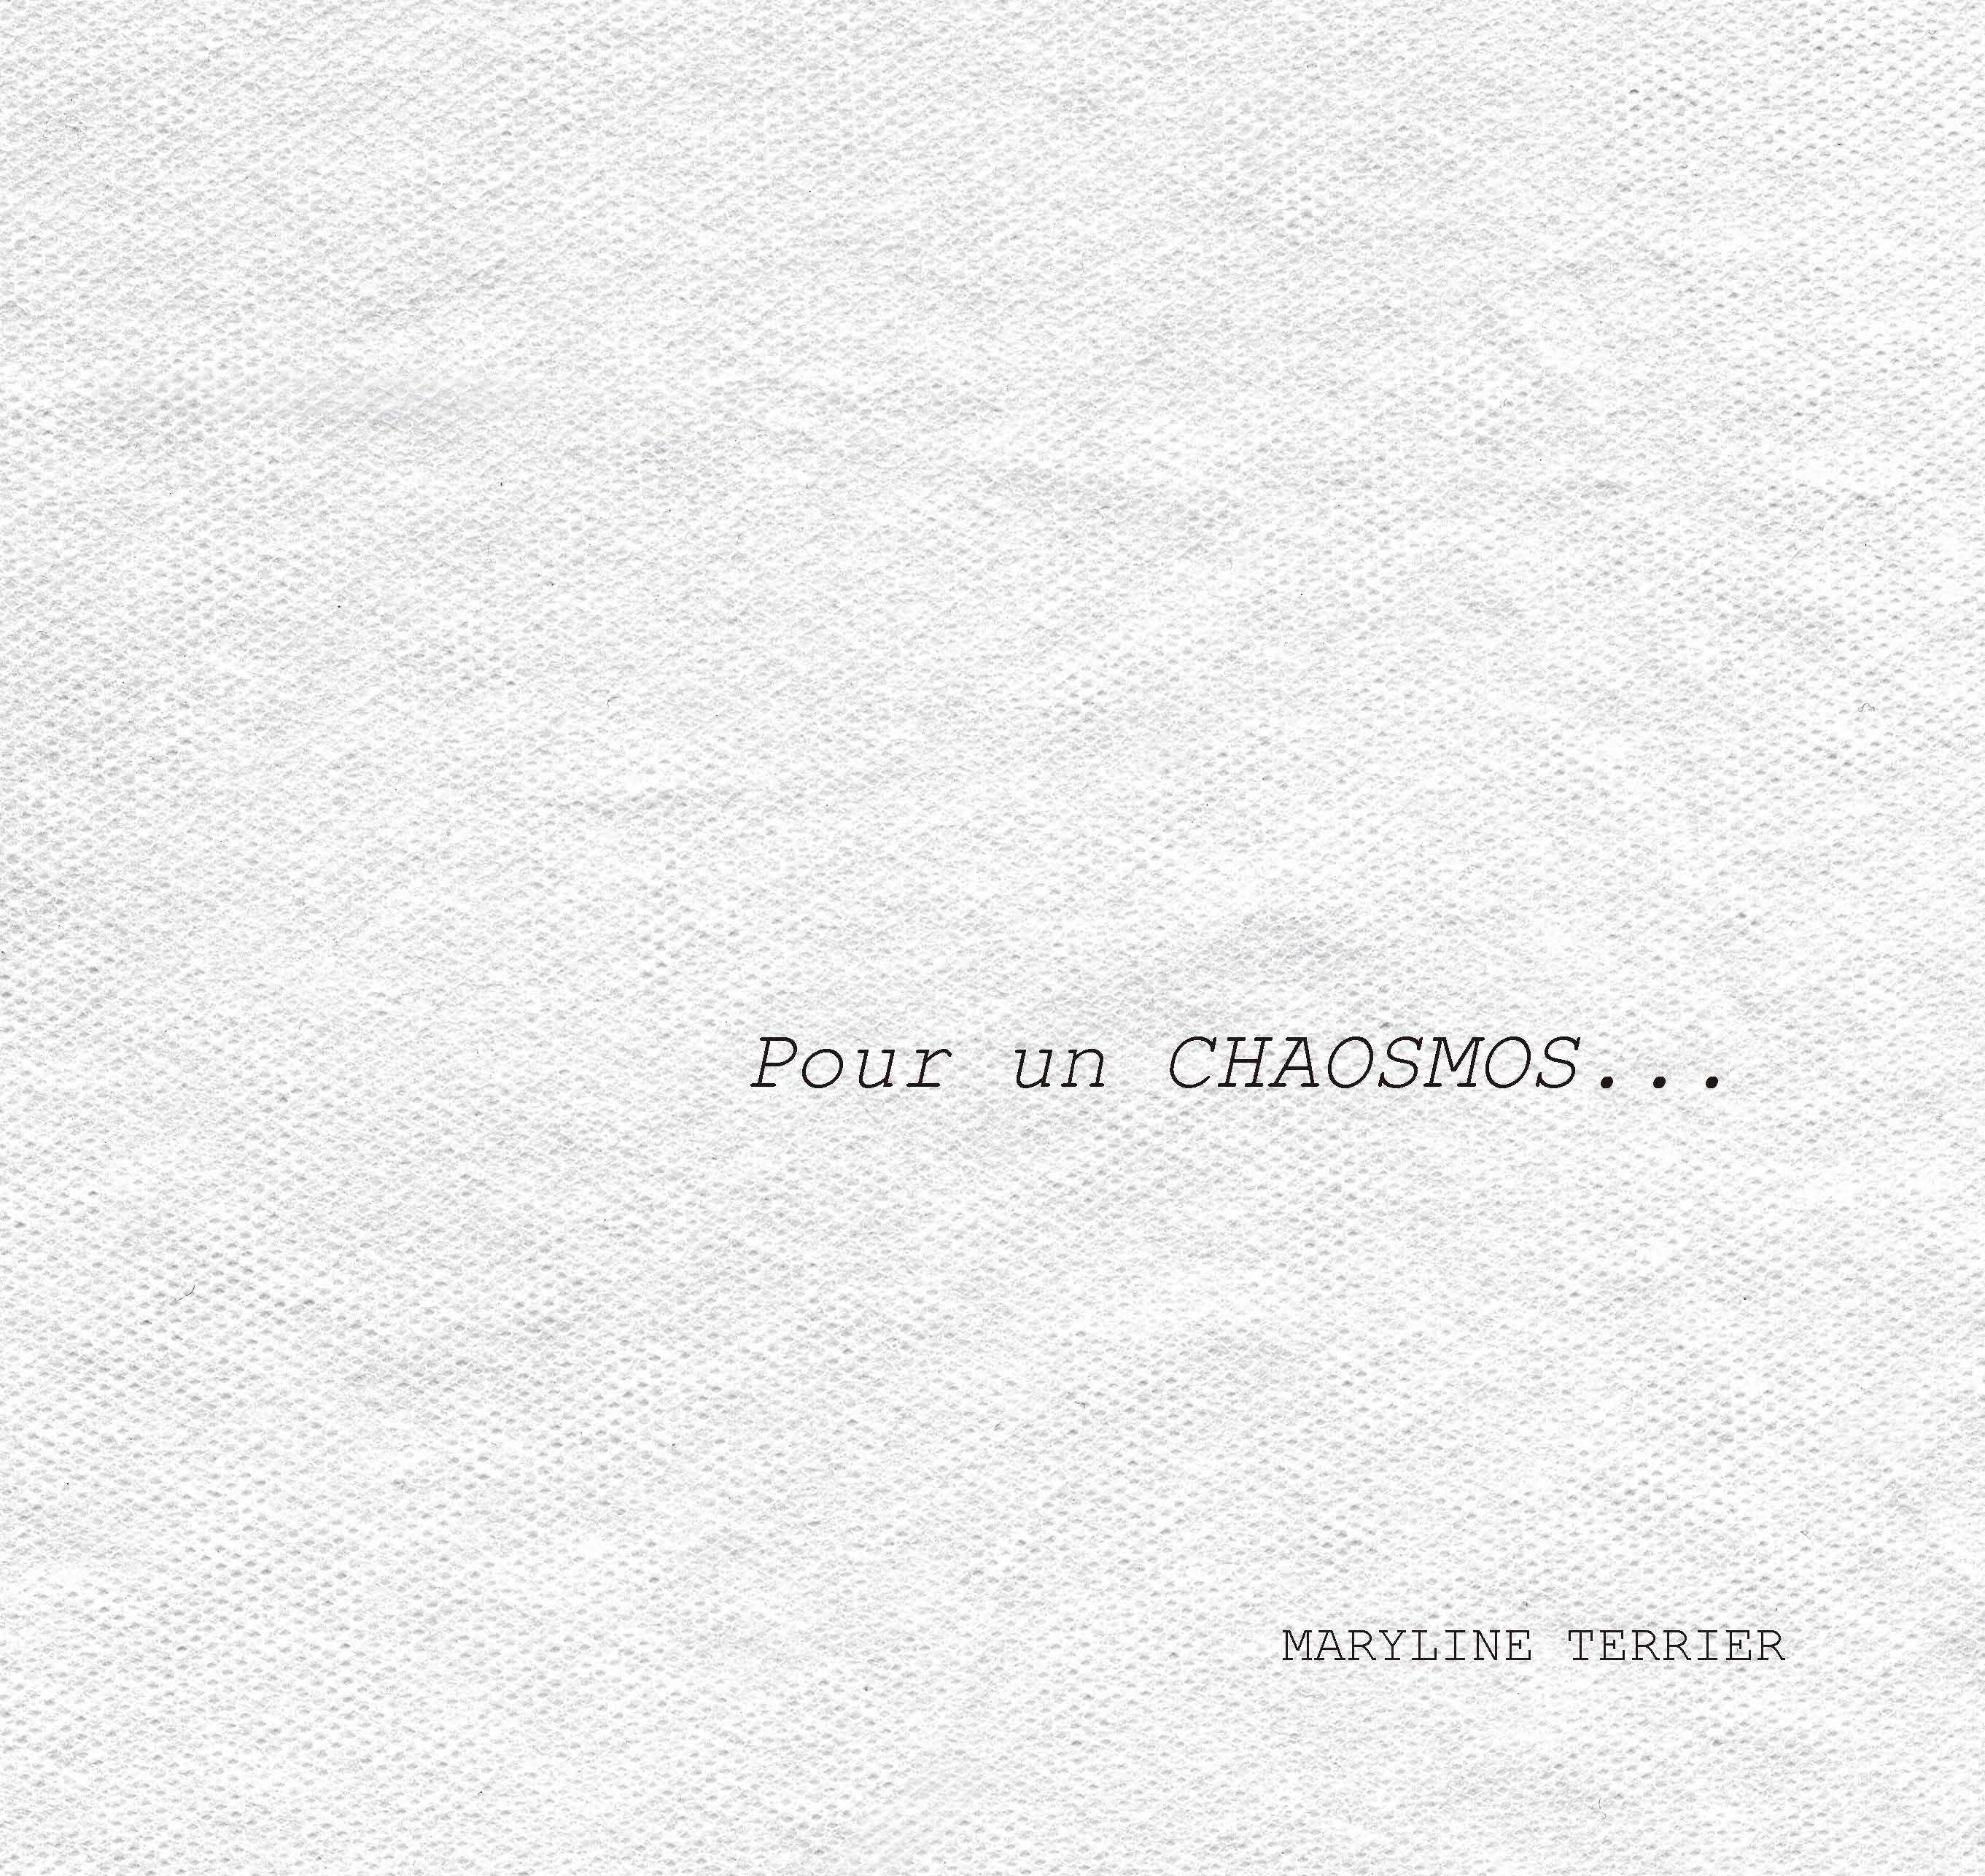 pour un chaosmos2_Page_001